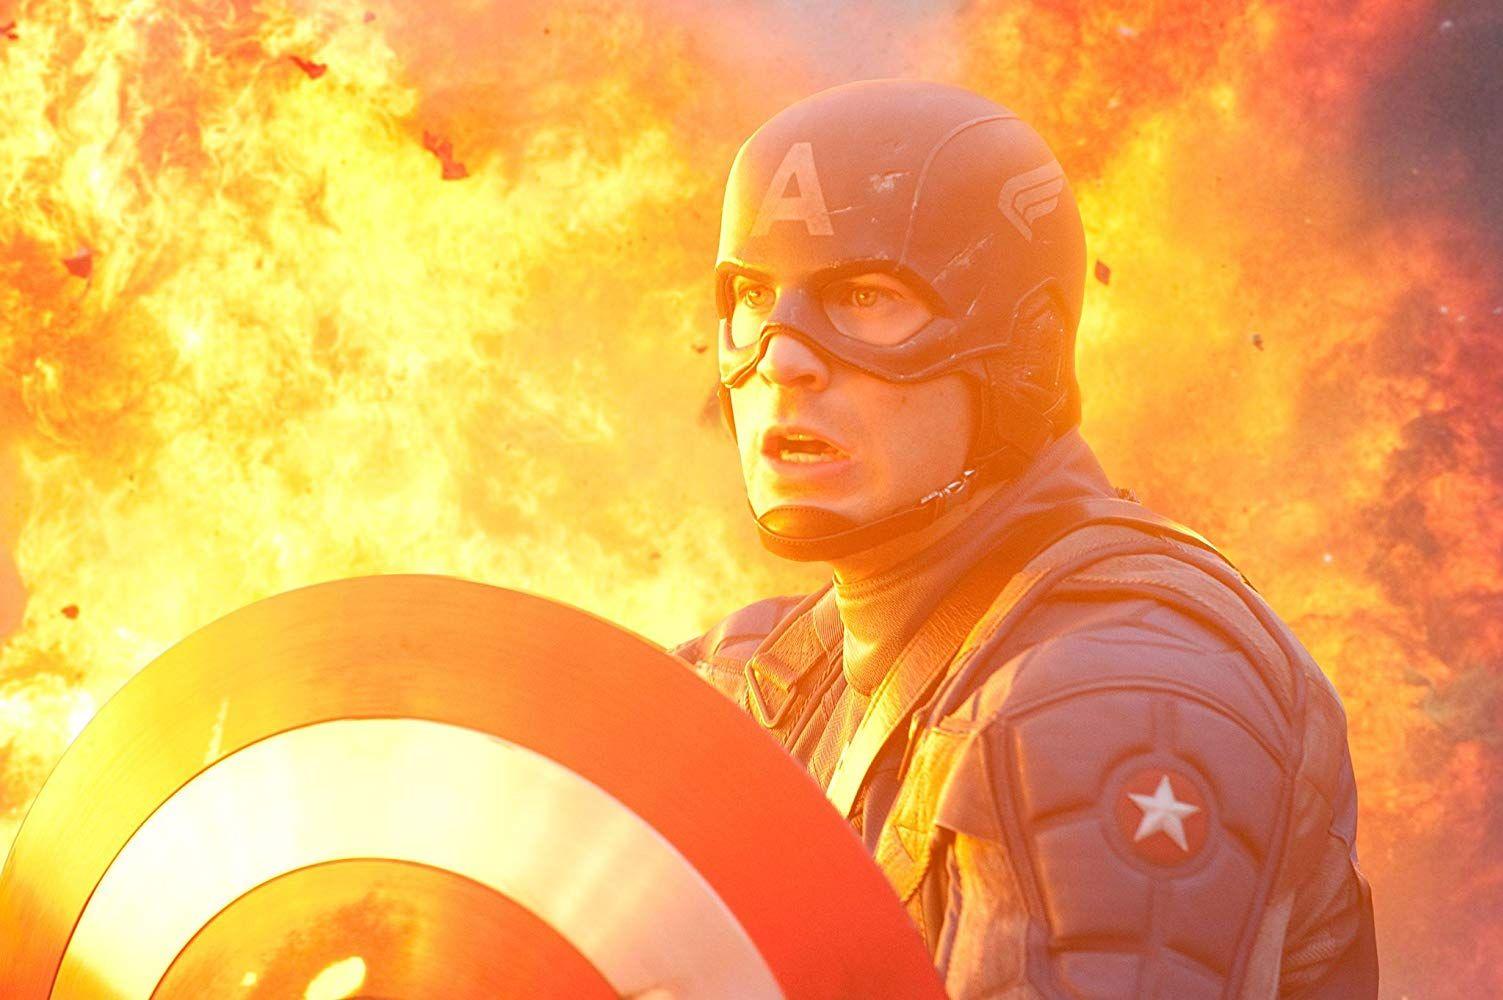 19 Captain America The First Avenger - Marvel Studios